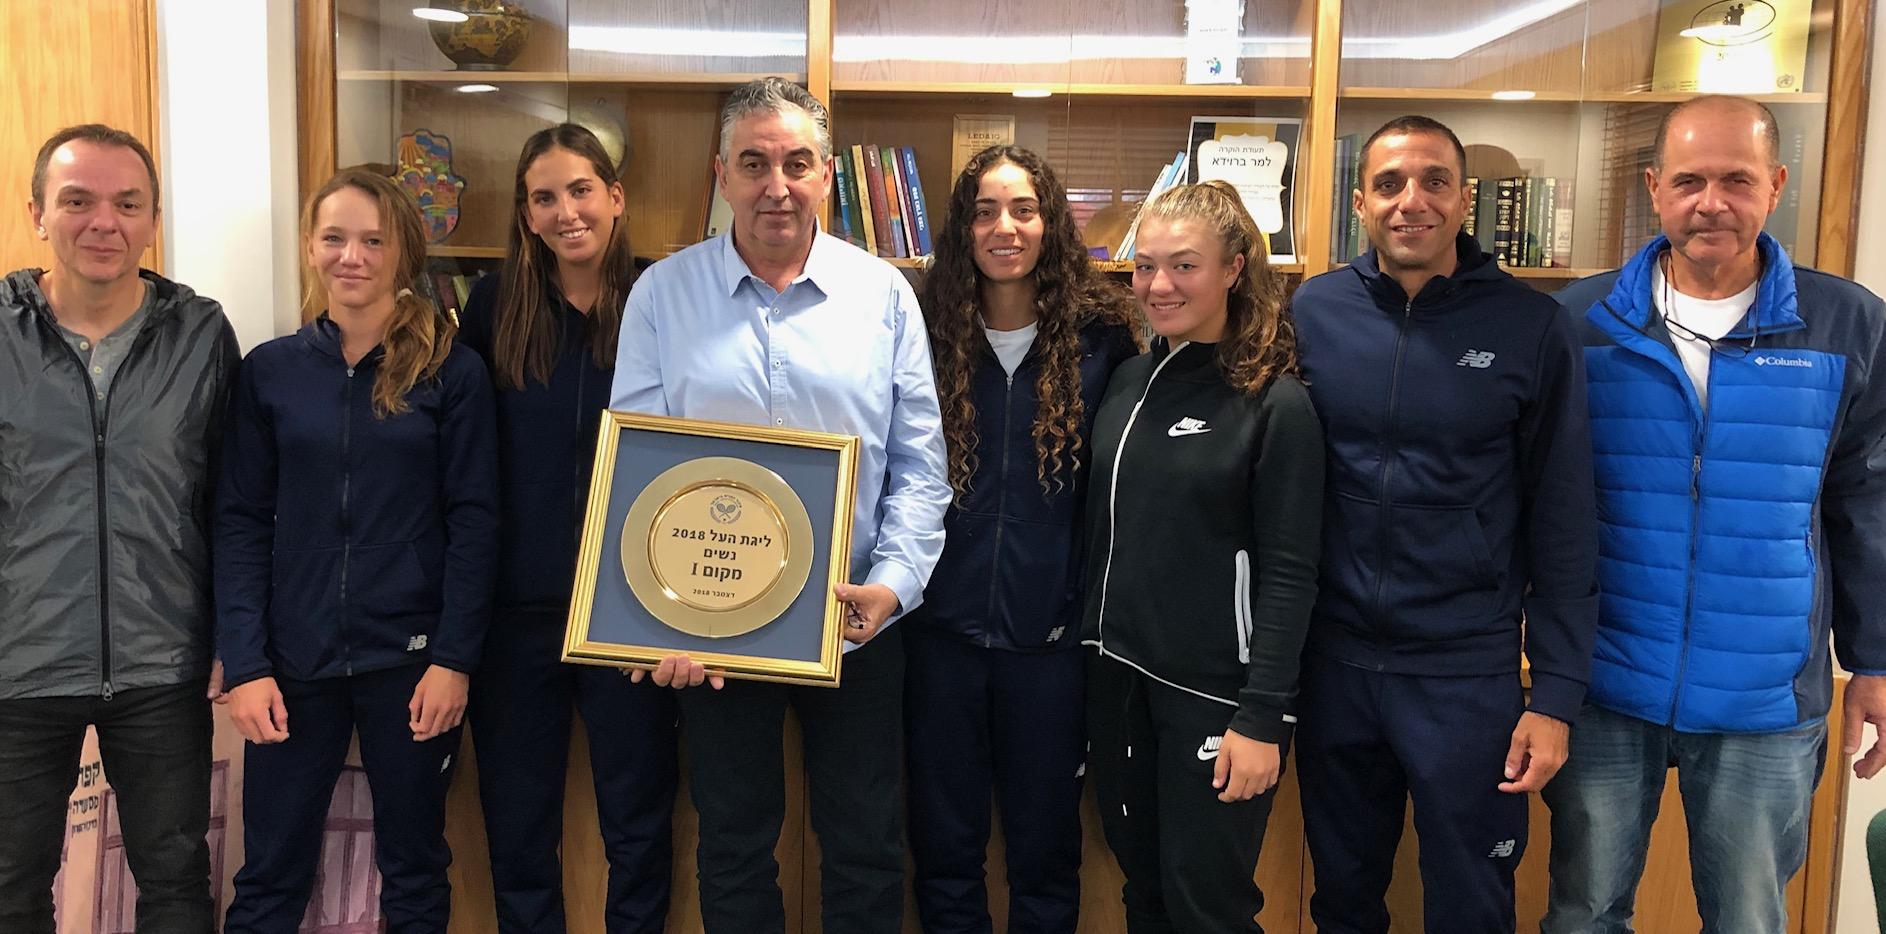 אלופות המדינה בטניס לנשים התארחו בלשכתו של  ראש עיריית רעננה